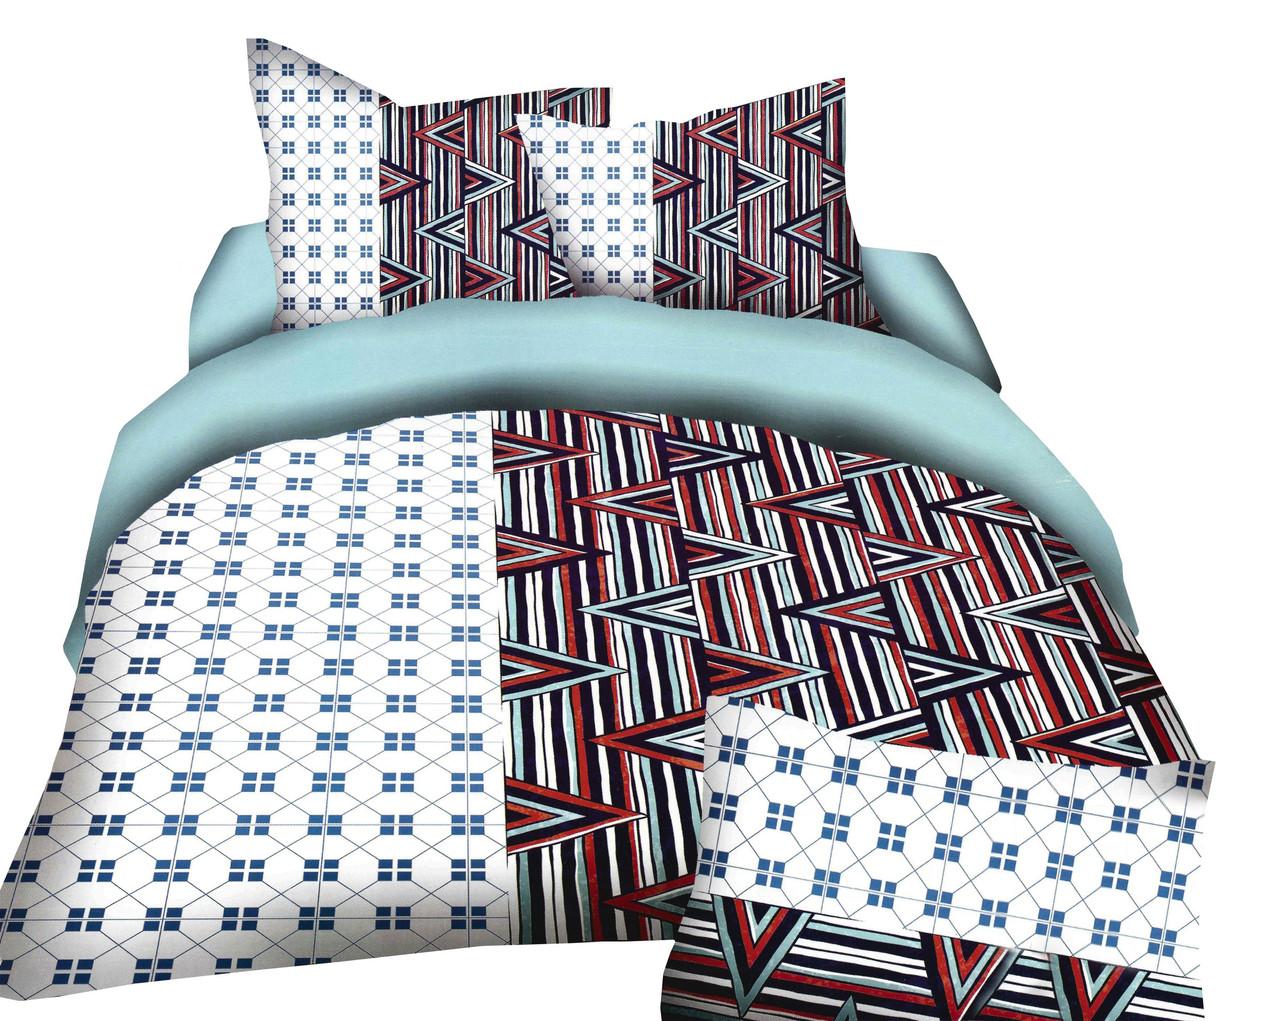 Комплект постельного белья Микроволокно HXDD-400 С геометричным узором M&M 2424 Белый, Коричневый, Синий